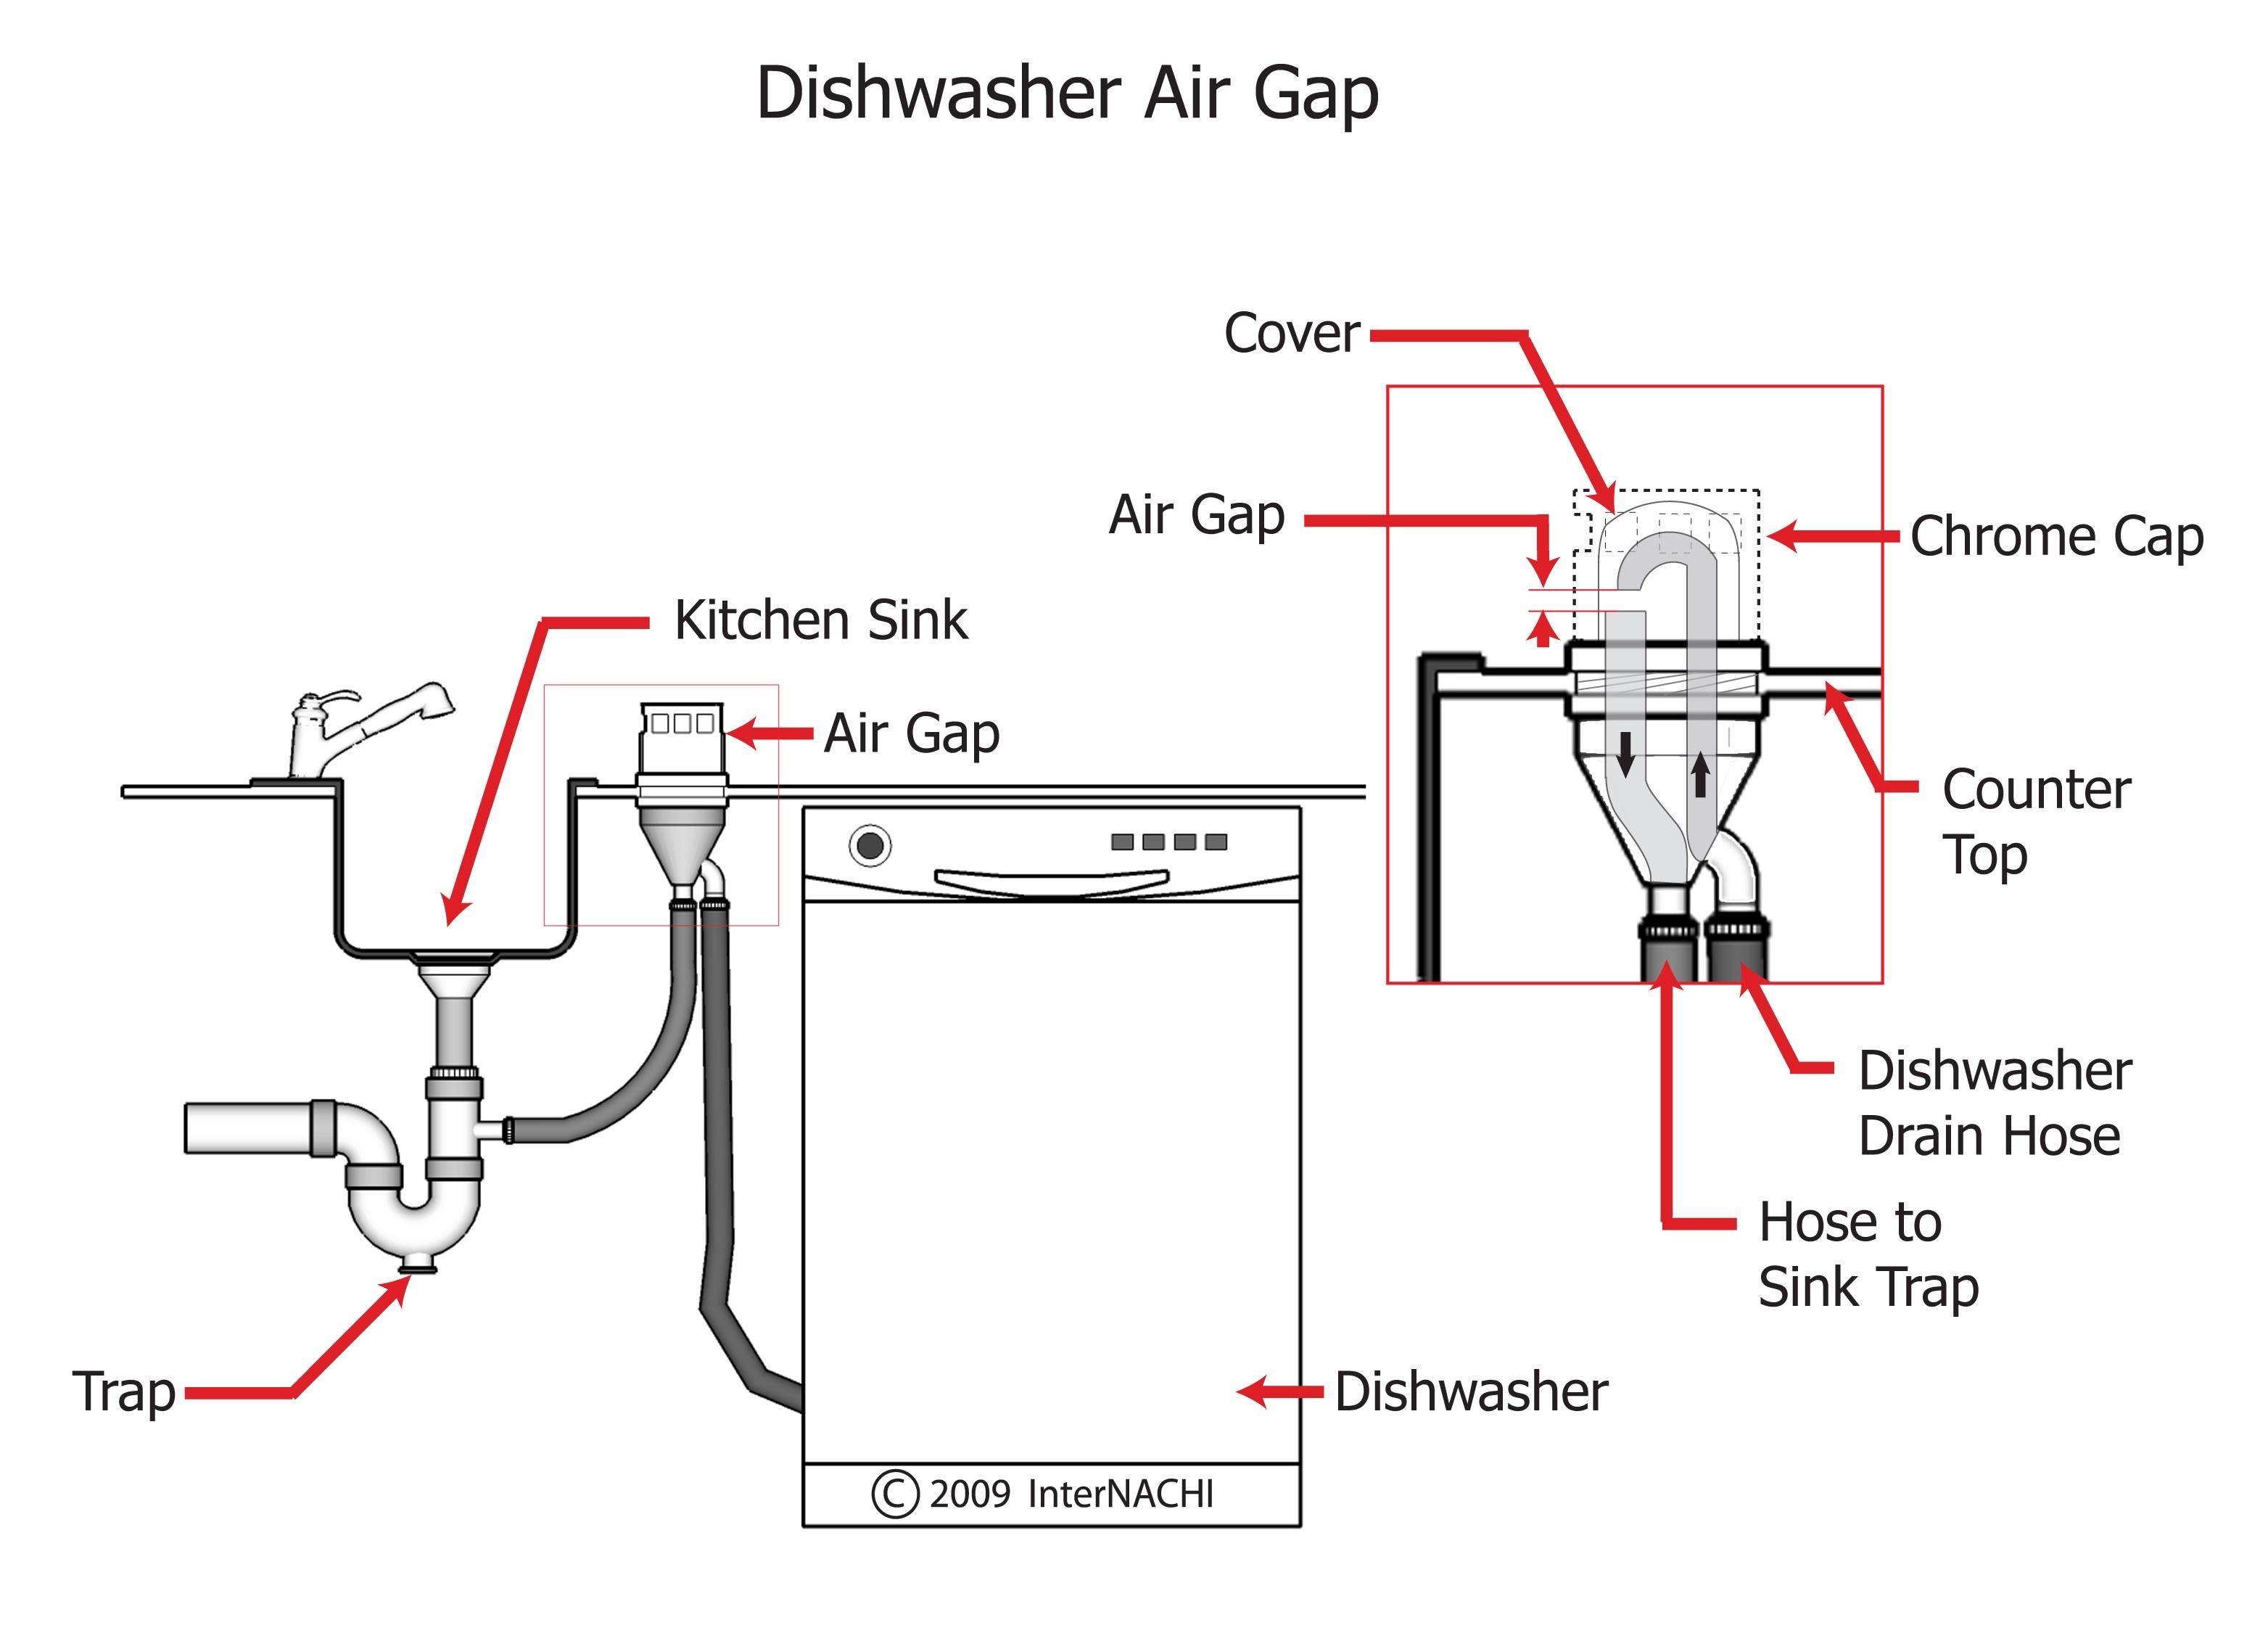 dishwasher air gapjpg - Kitchen Sink Air Gap